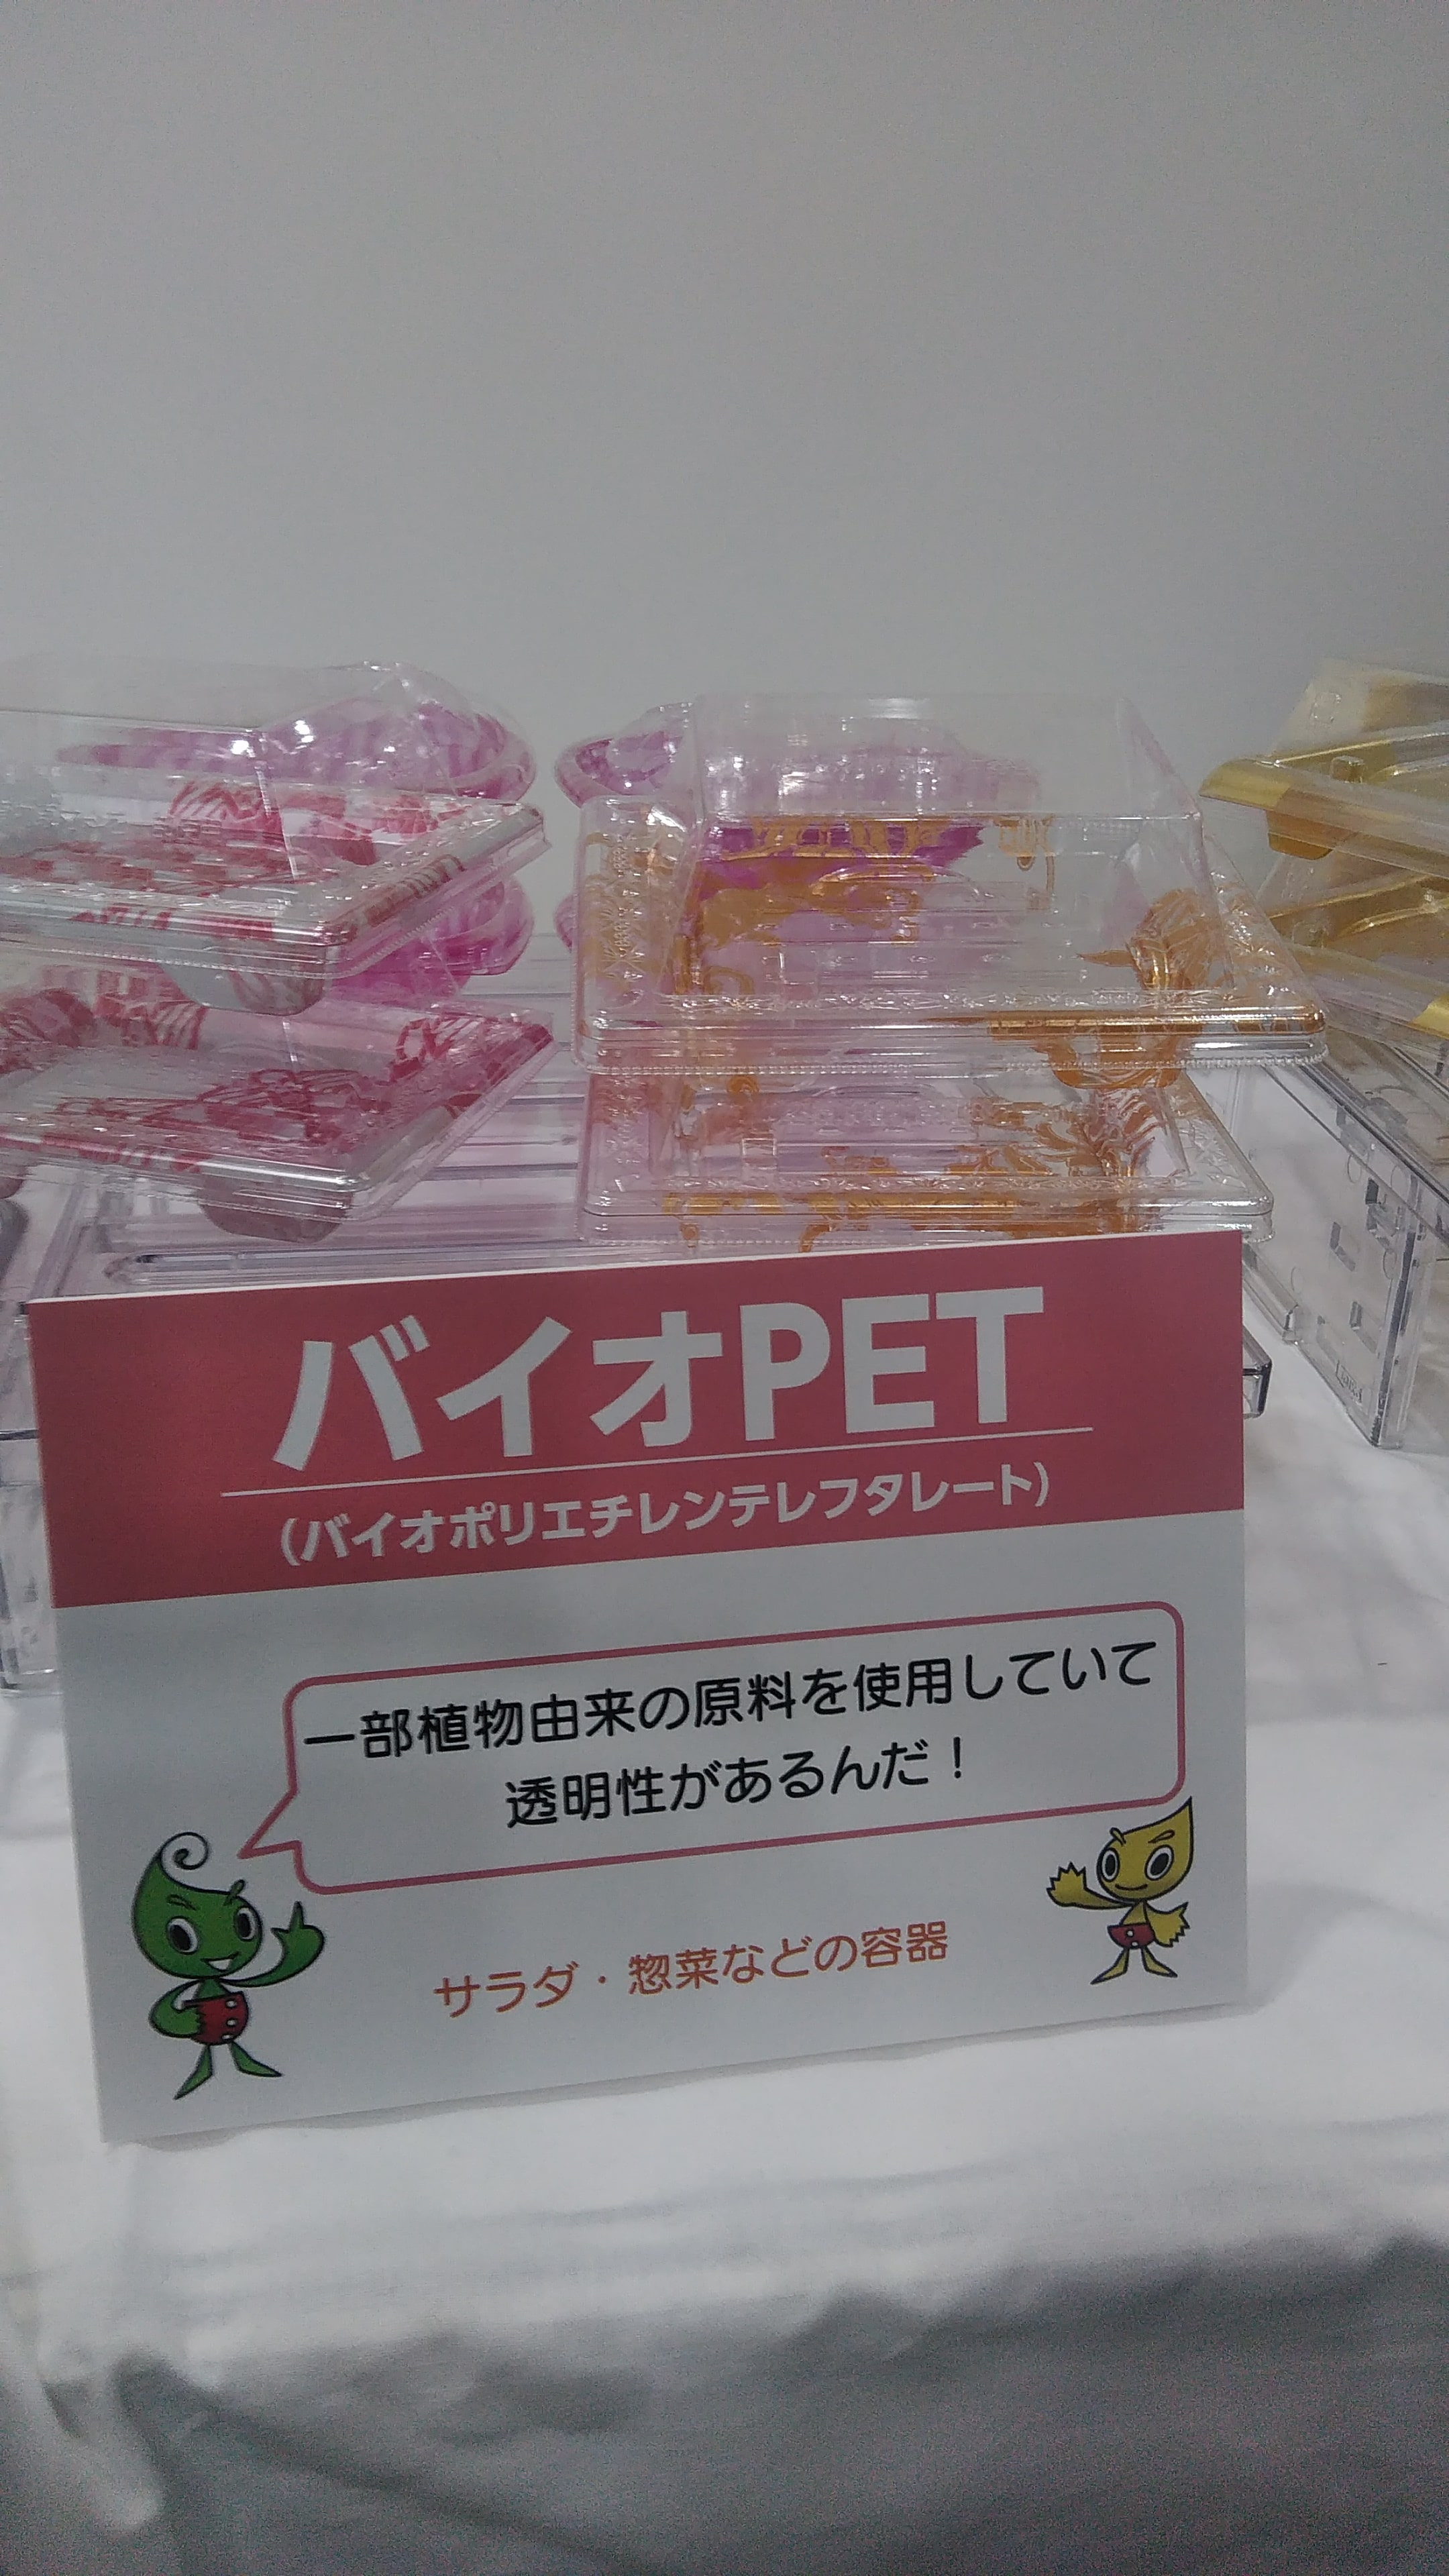 エコプロ2018「日本プラスチック食品容器工業会」の展示②